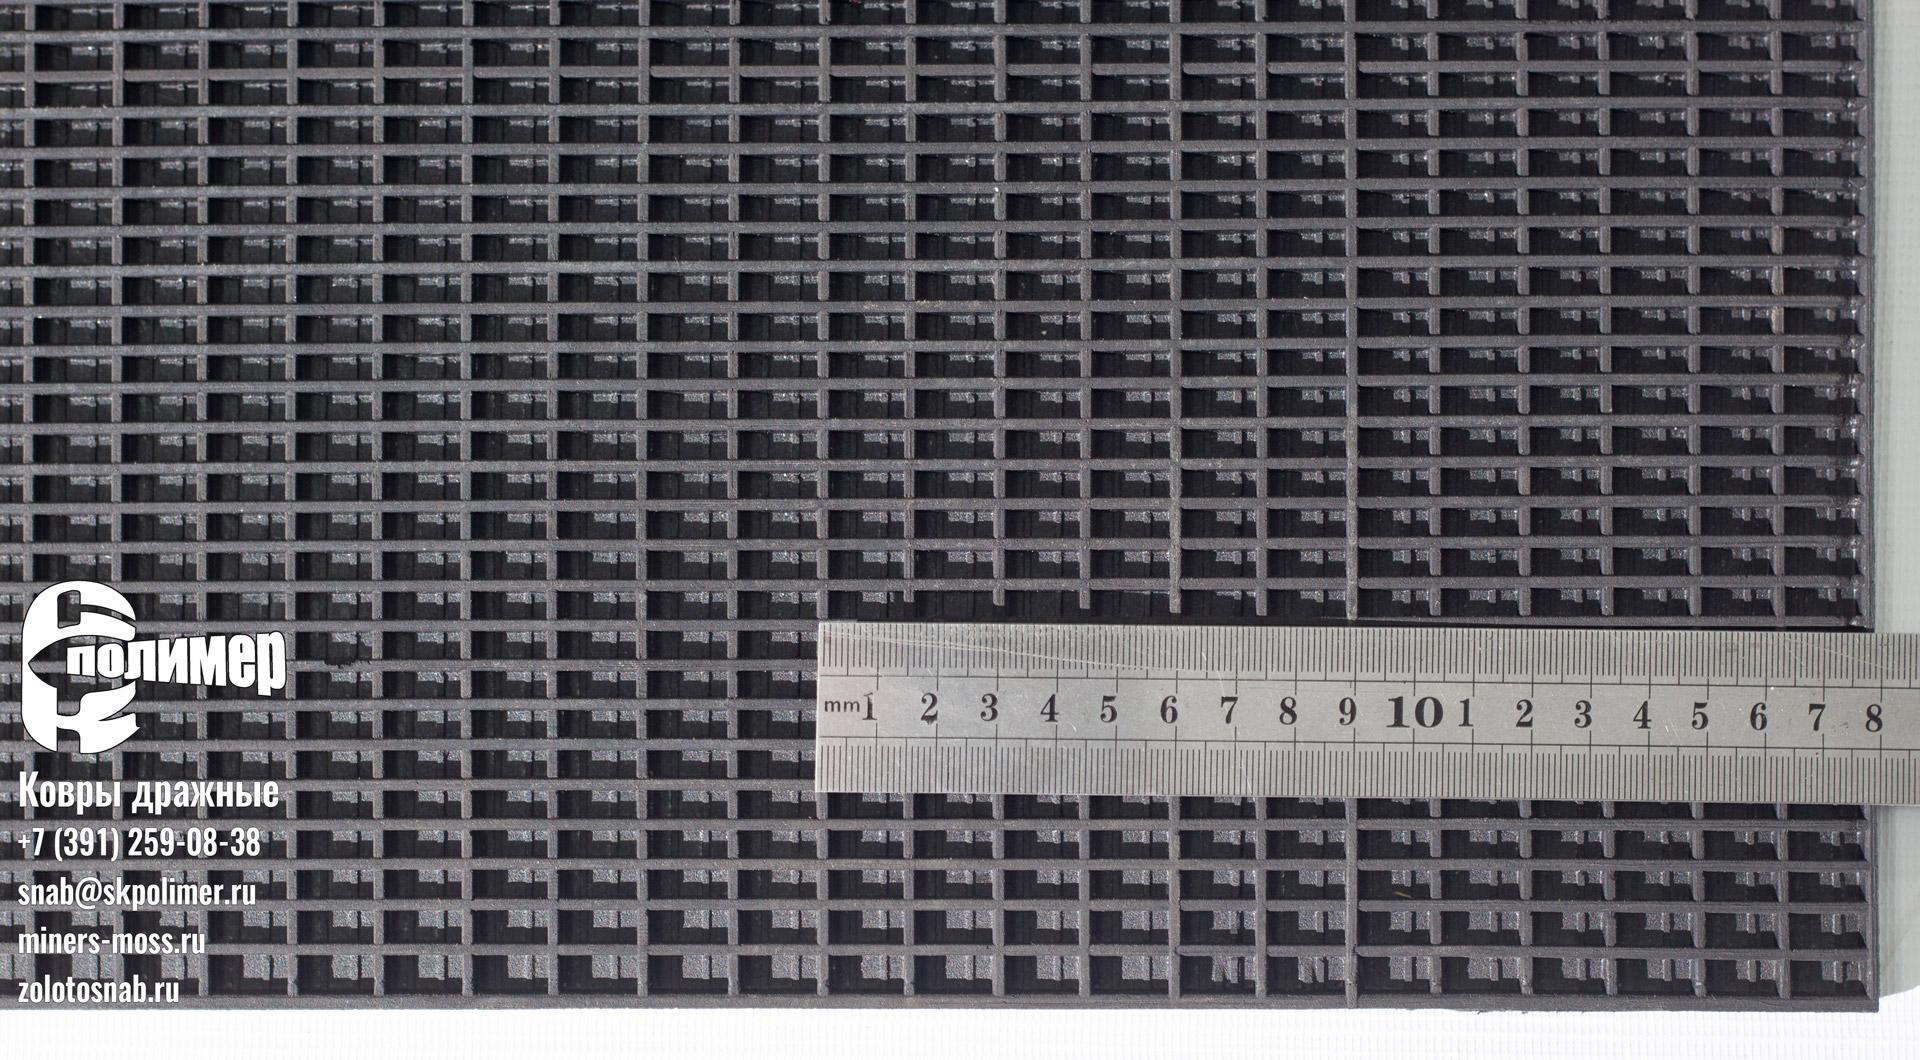 коврики дражные 367 ячея 778х553